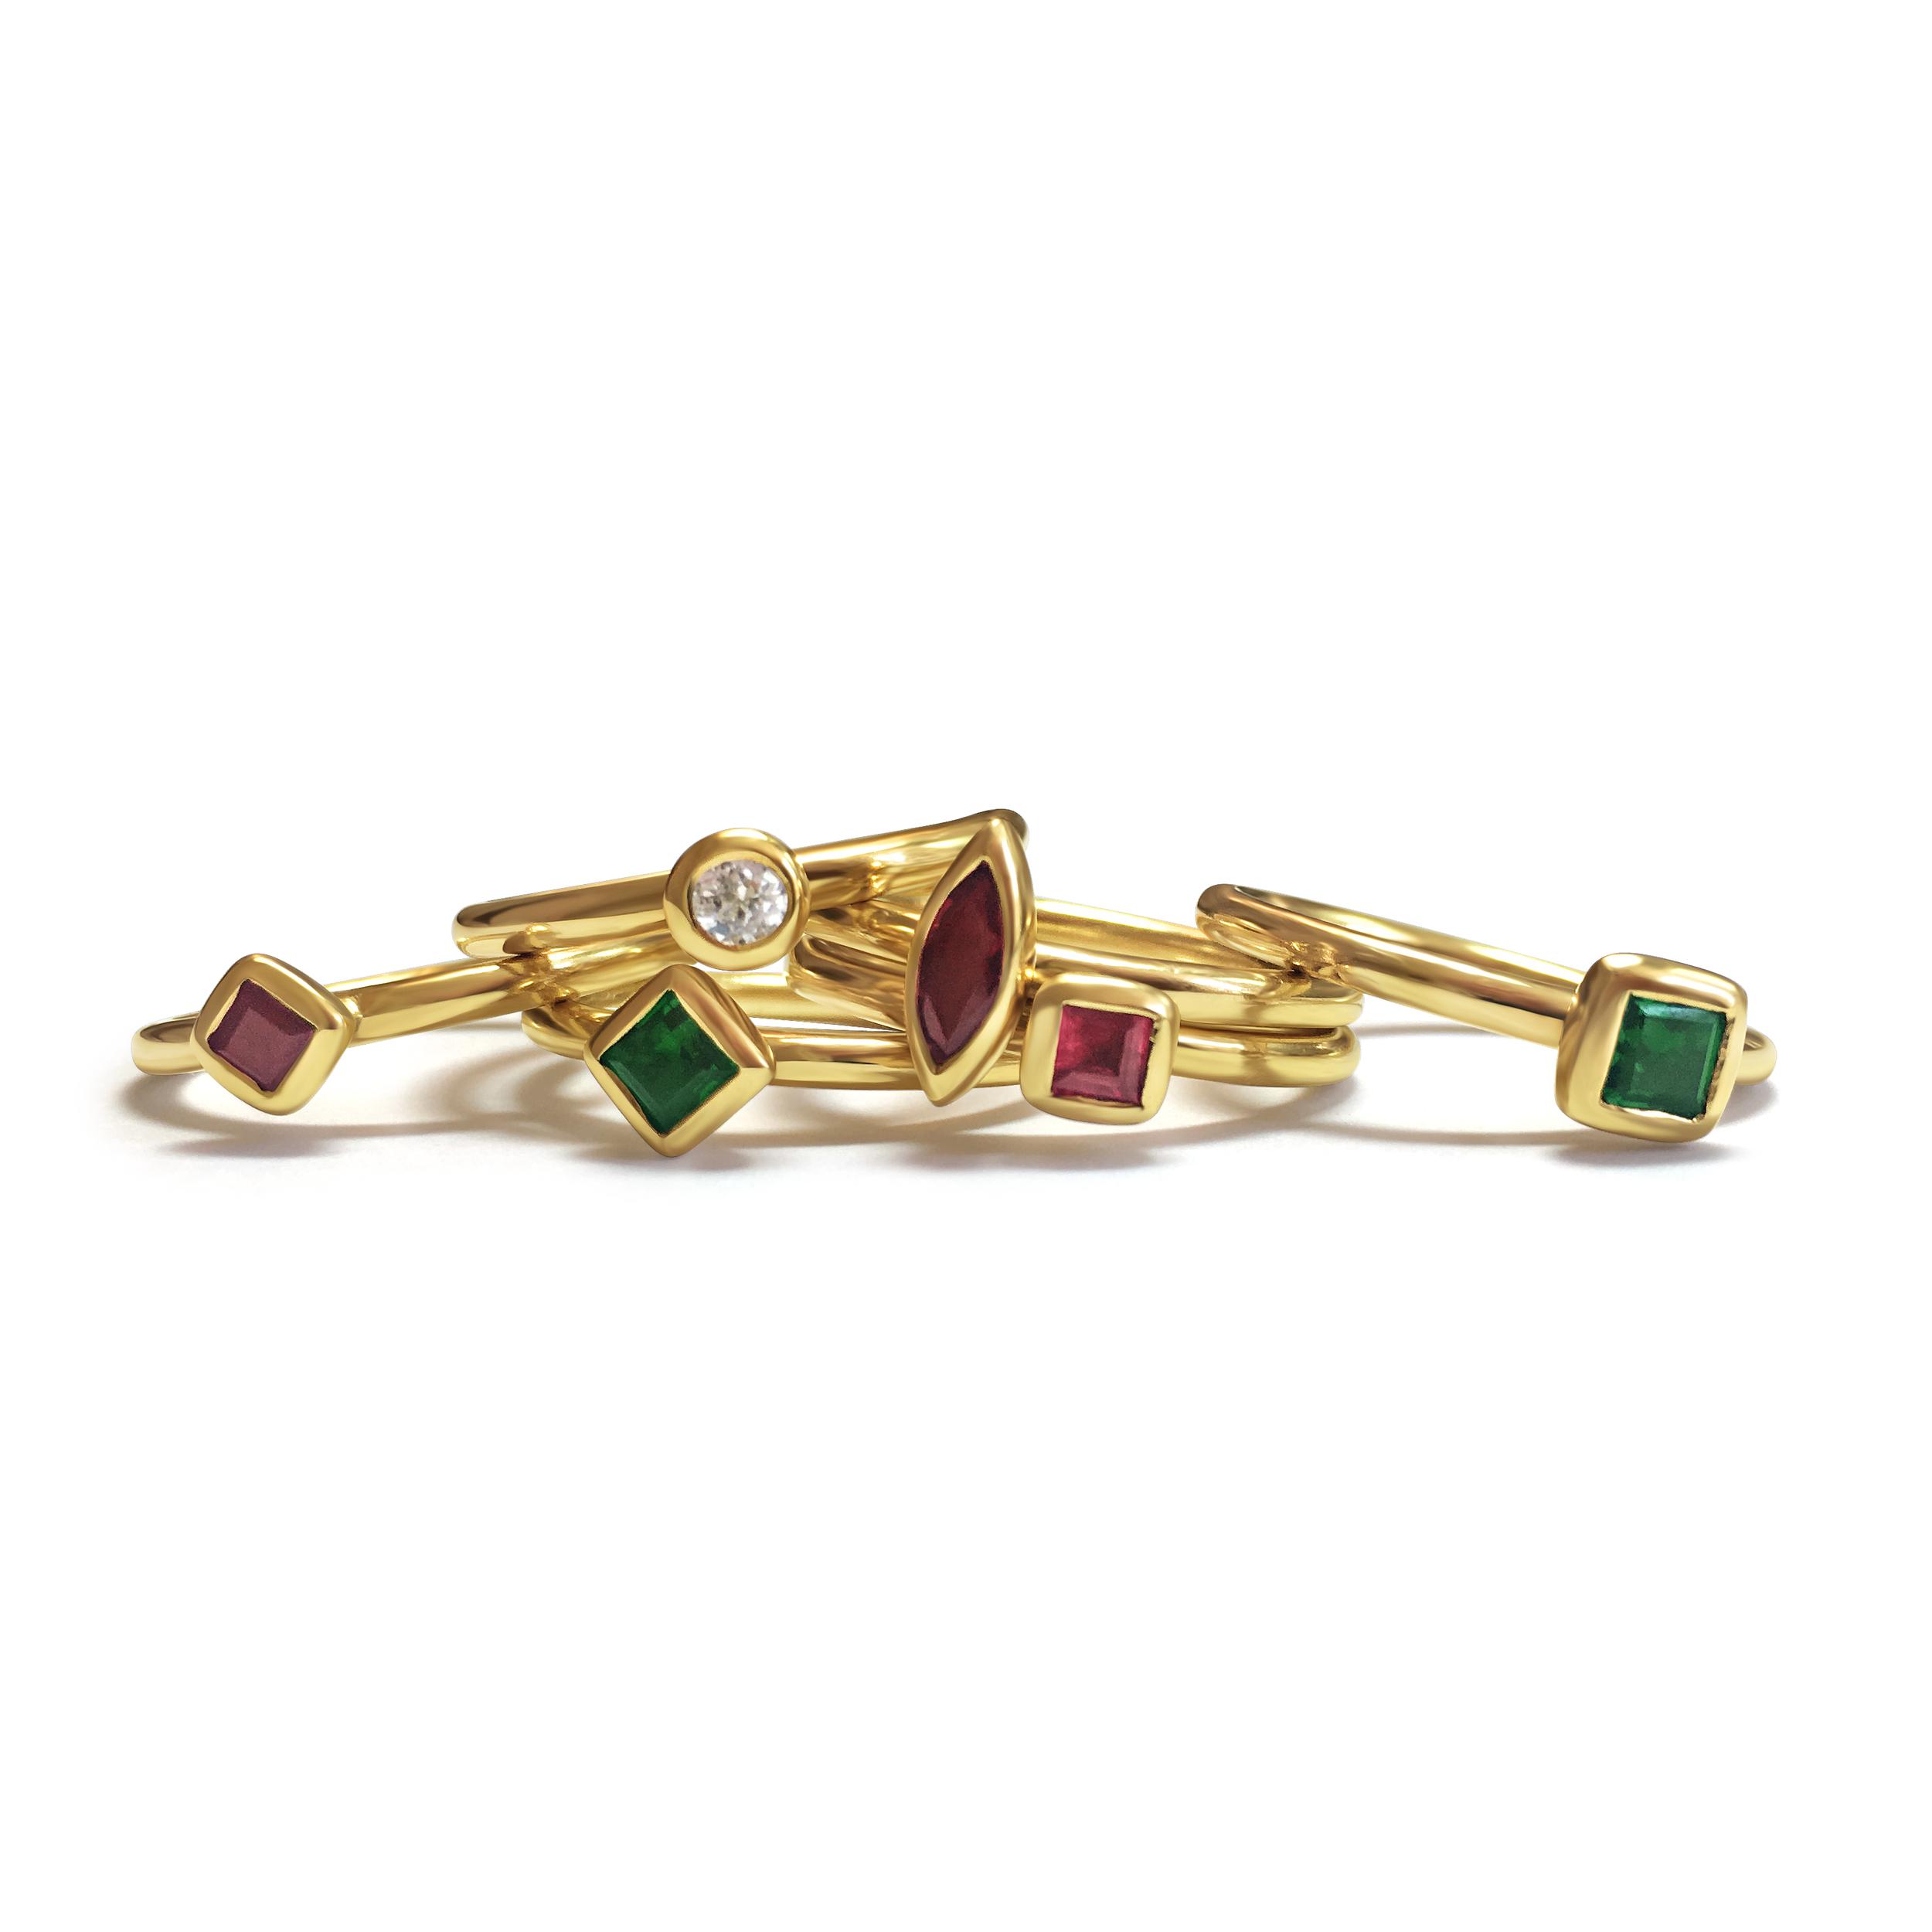 Green tourmaline stacking rings